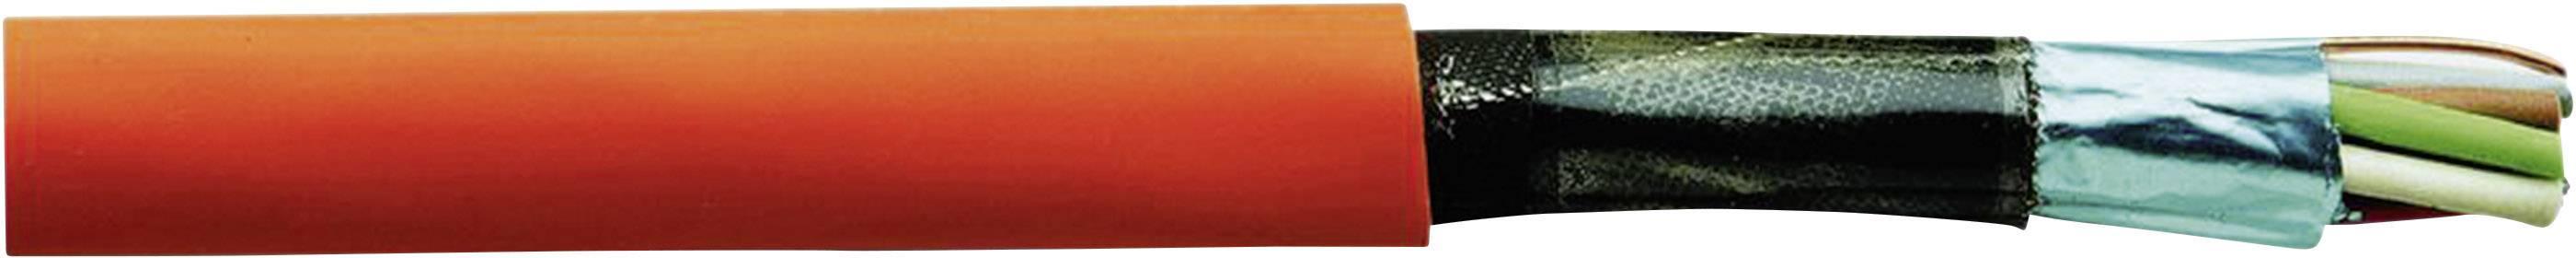 Kábel pre požiarne hlásiče JE-H(ST)H...BD...E30 Faber Kabel JE-H(ST)H...BD...E30 100418, 2 x 2 x 0.8 mm, oranžová, metrový tovar